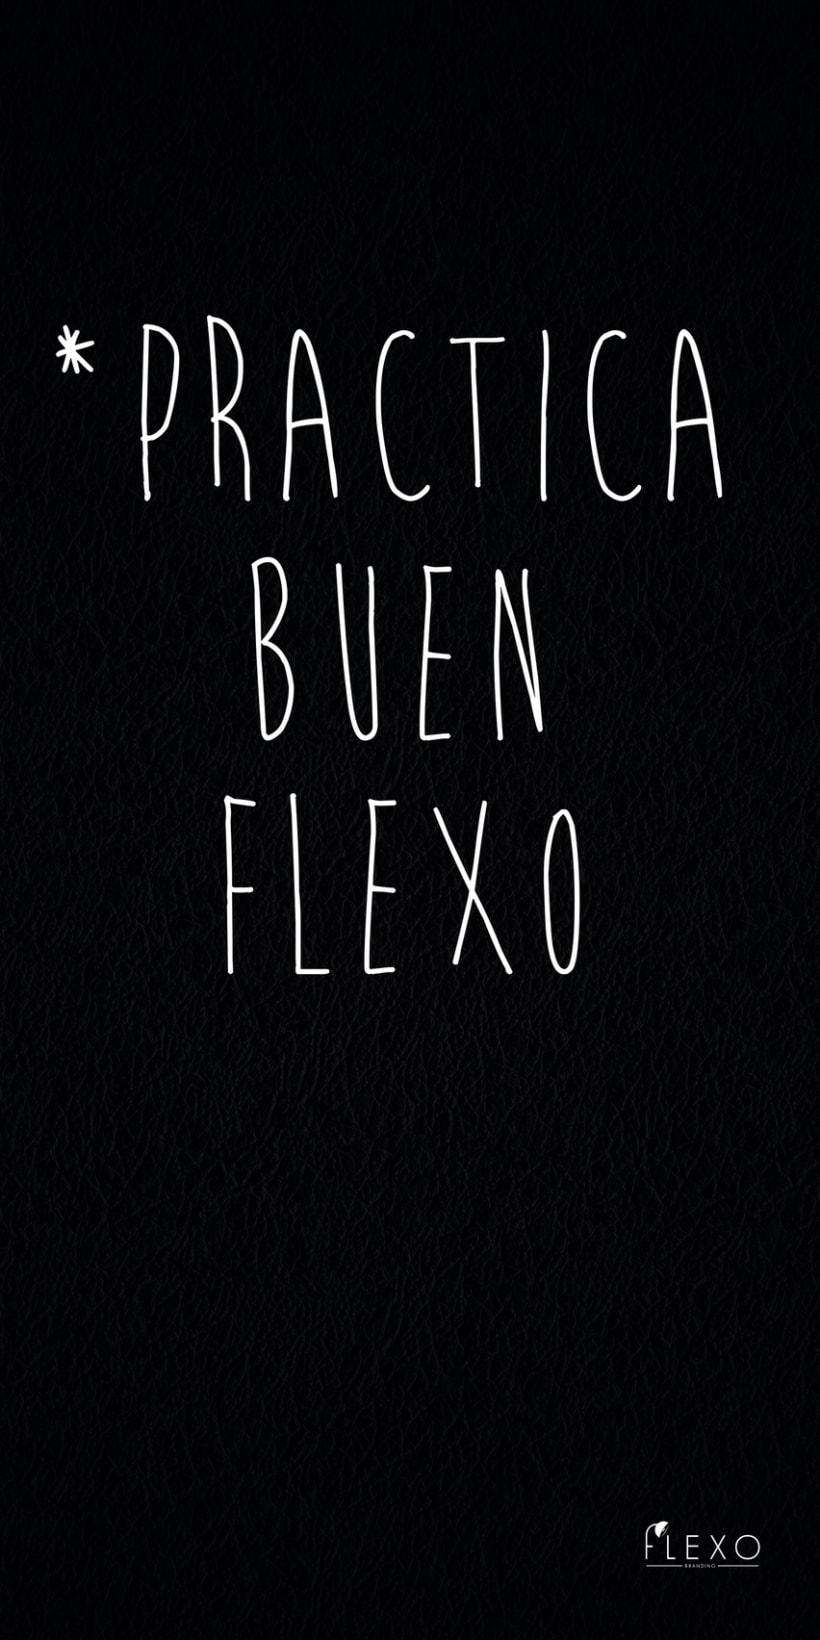 PRACTICA BUEN FLEXO 1